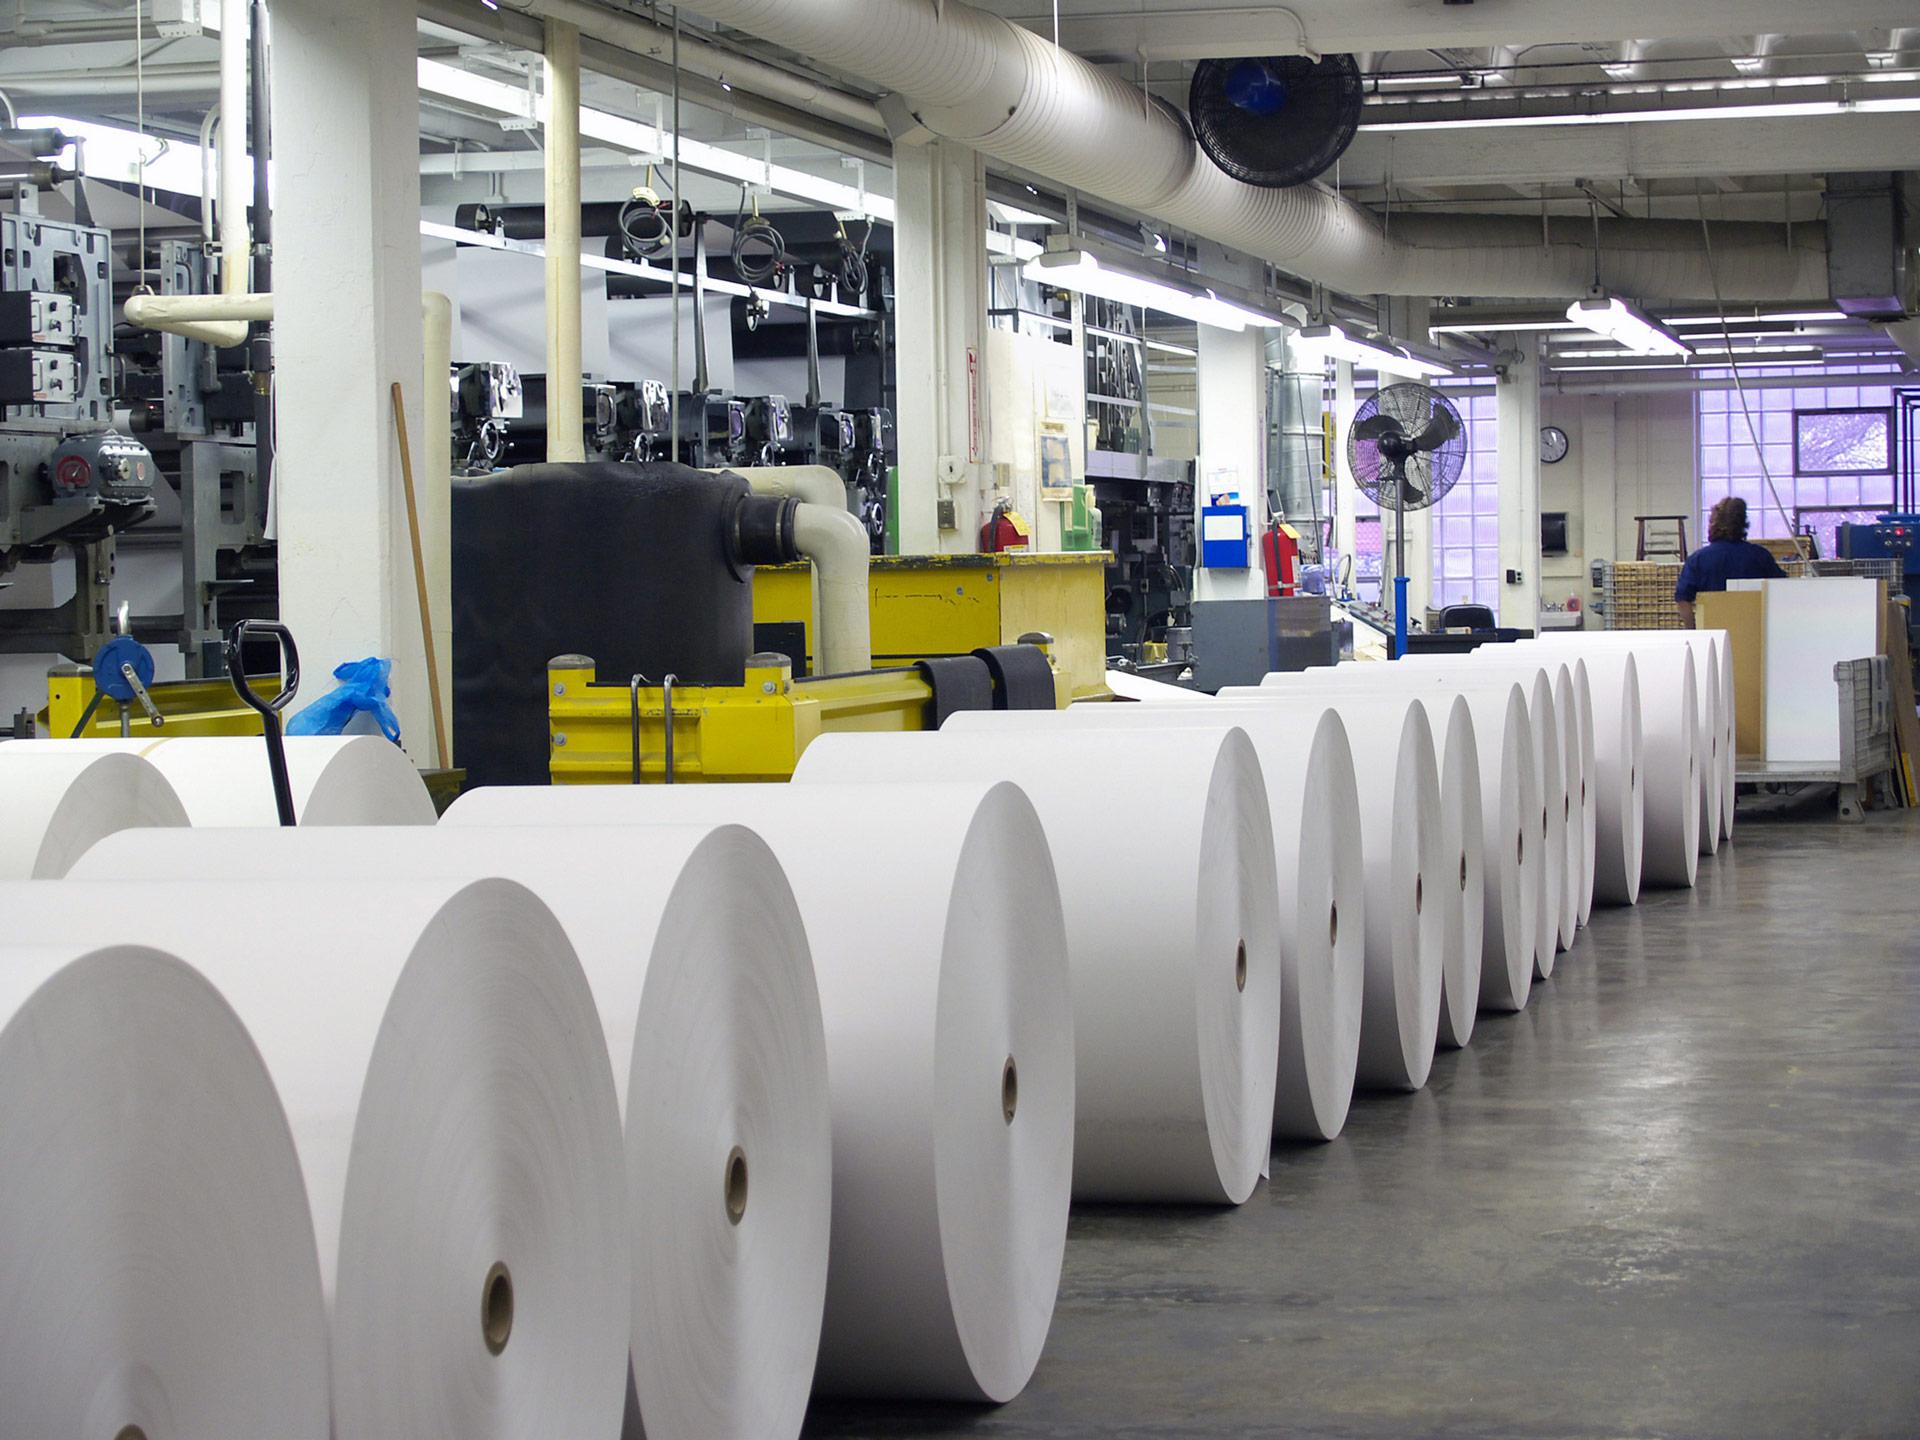 Paper_roll 4 x 3